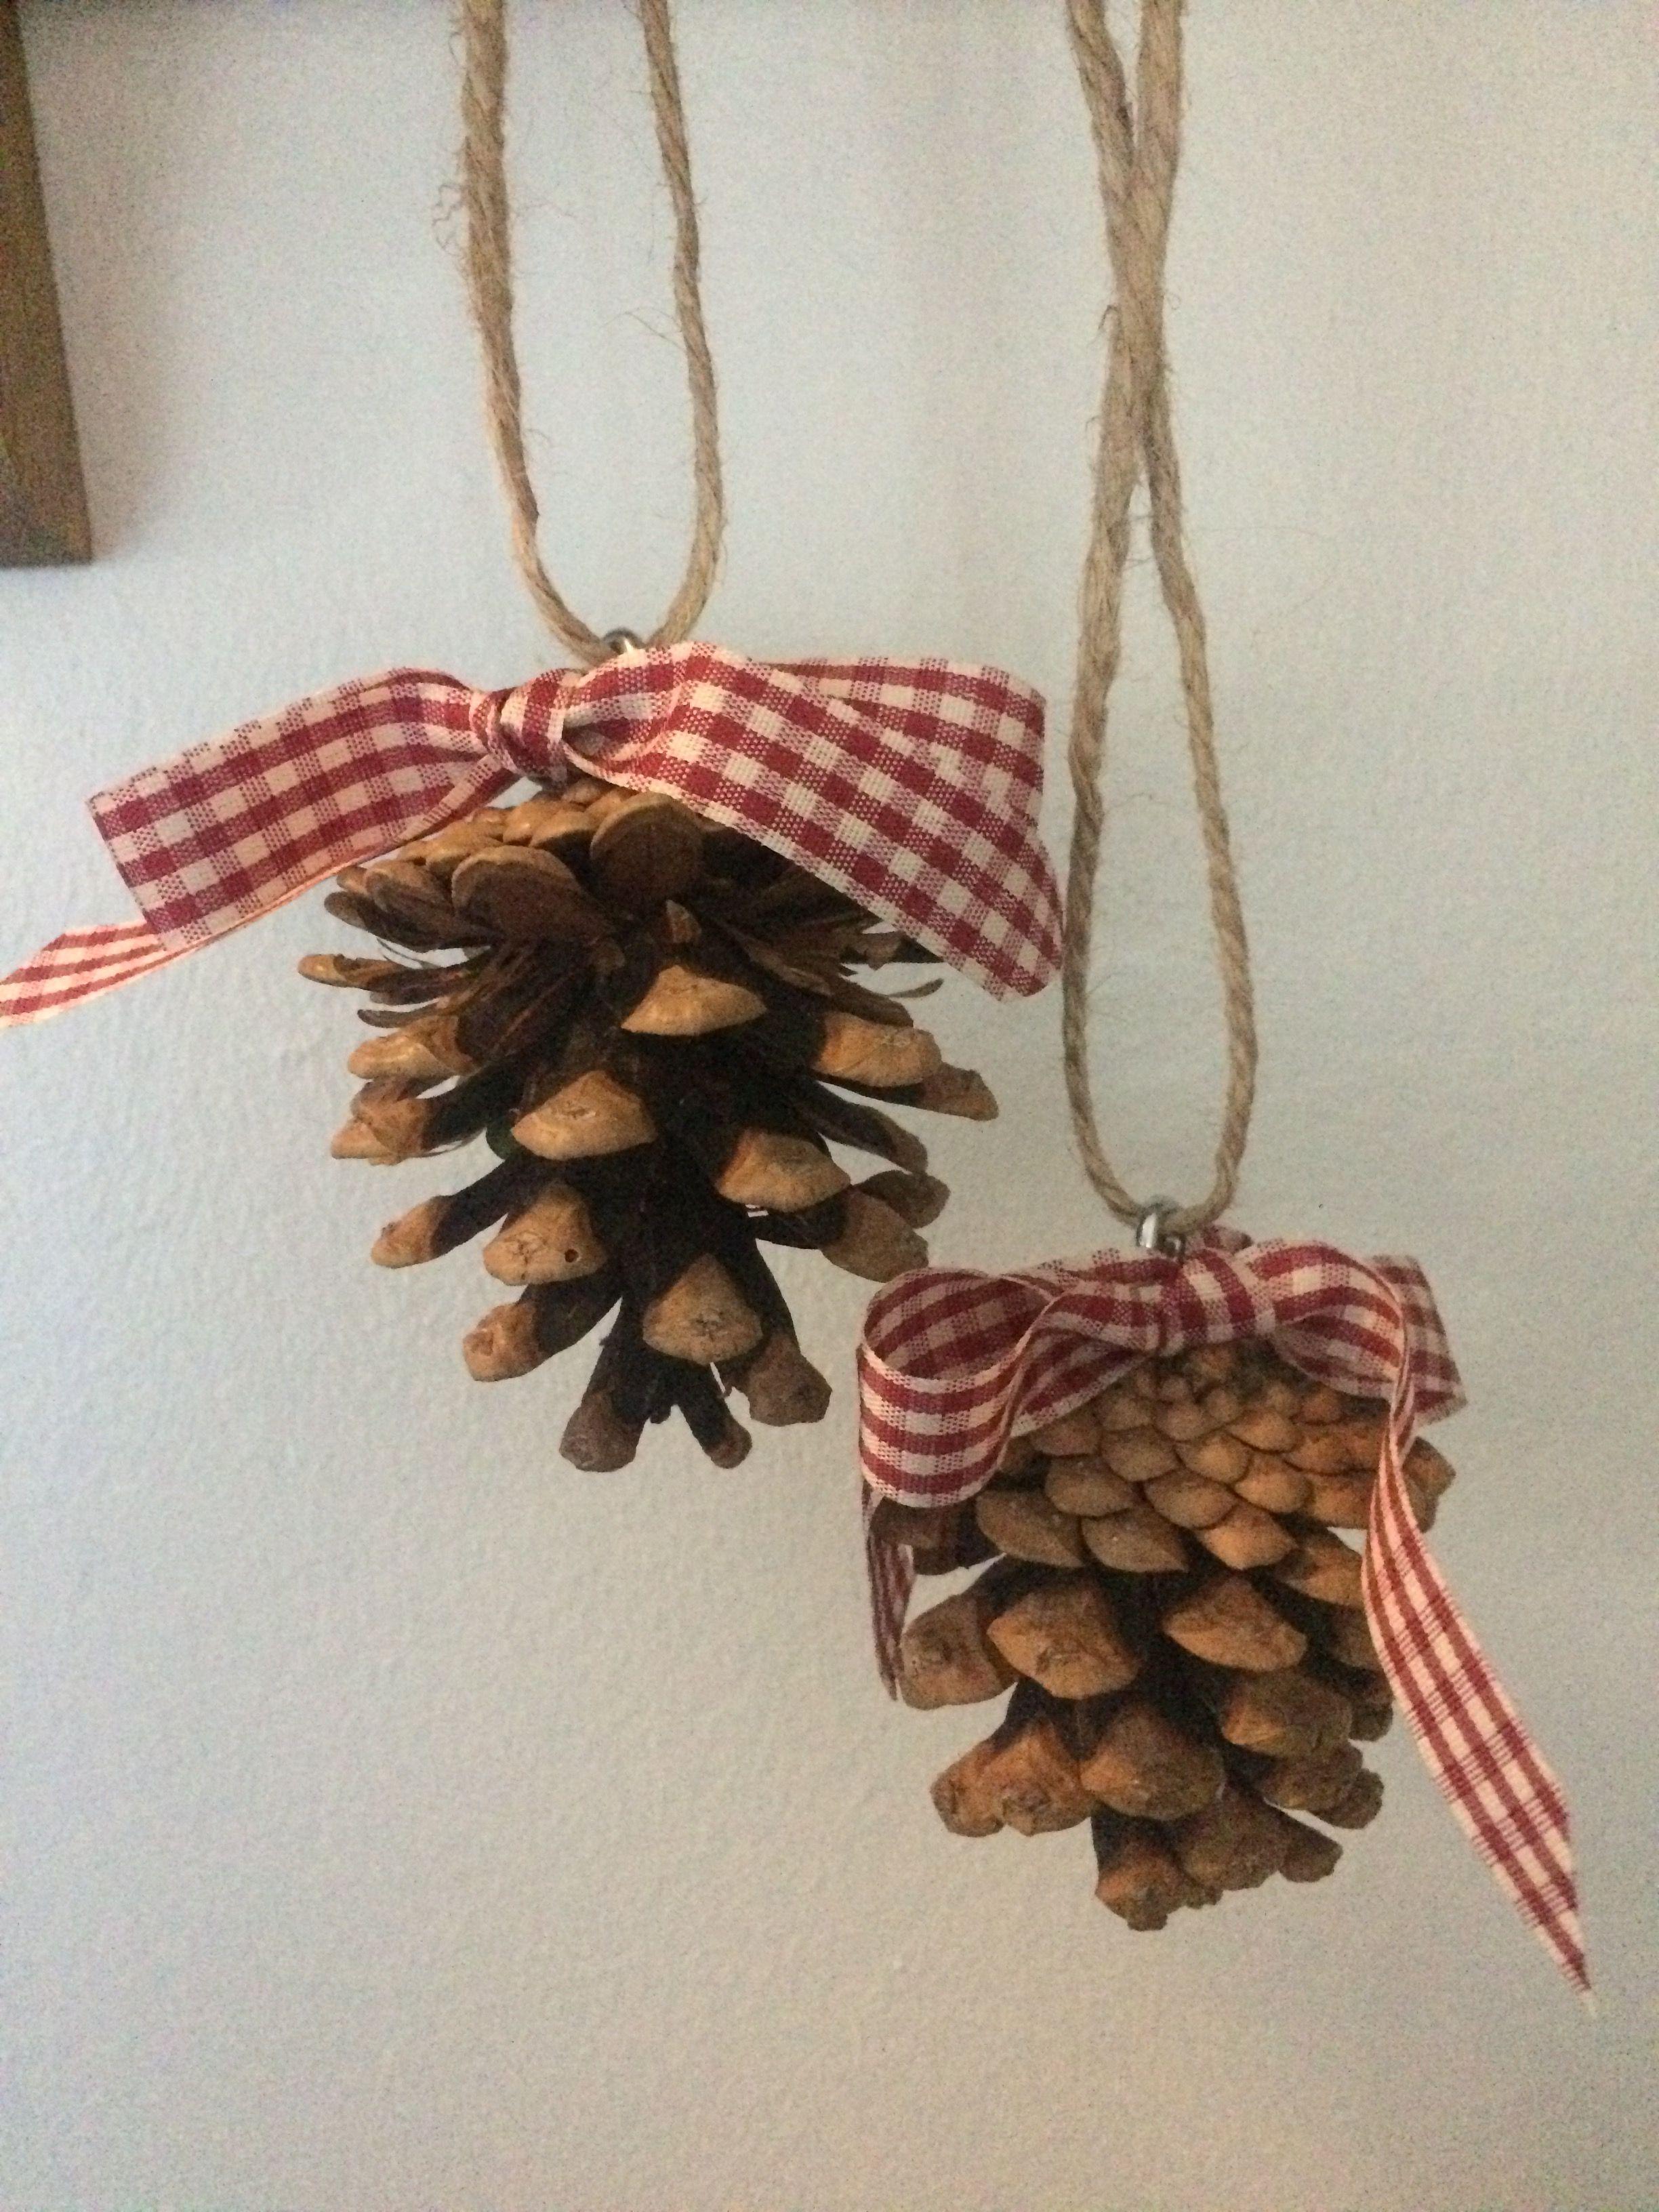 Kogler med en lille øskne i, så de kan bruges som juleophæng. Sløjfen dækker øsknen, men har selvfølgelig også et meget dekorativt formål.